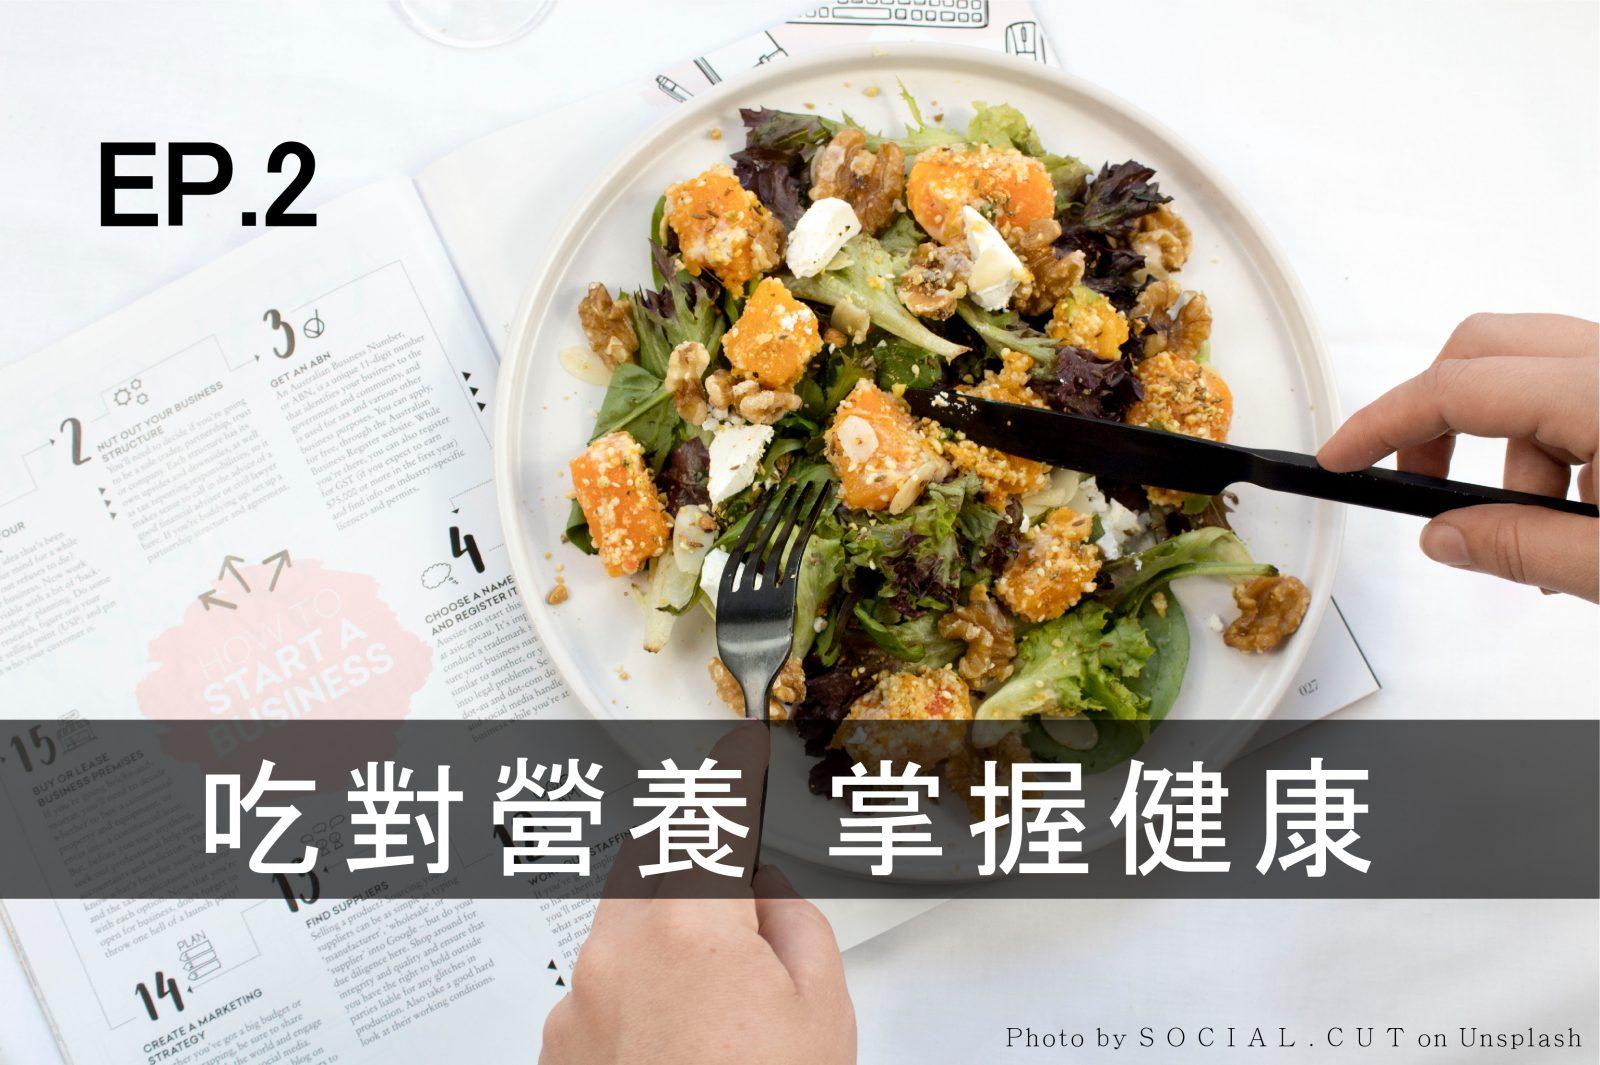 吃對營養 掌握健康 EP2